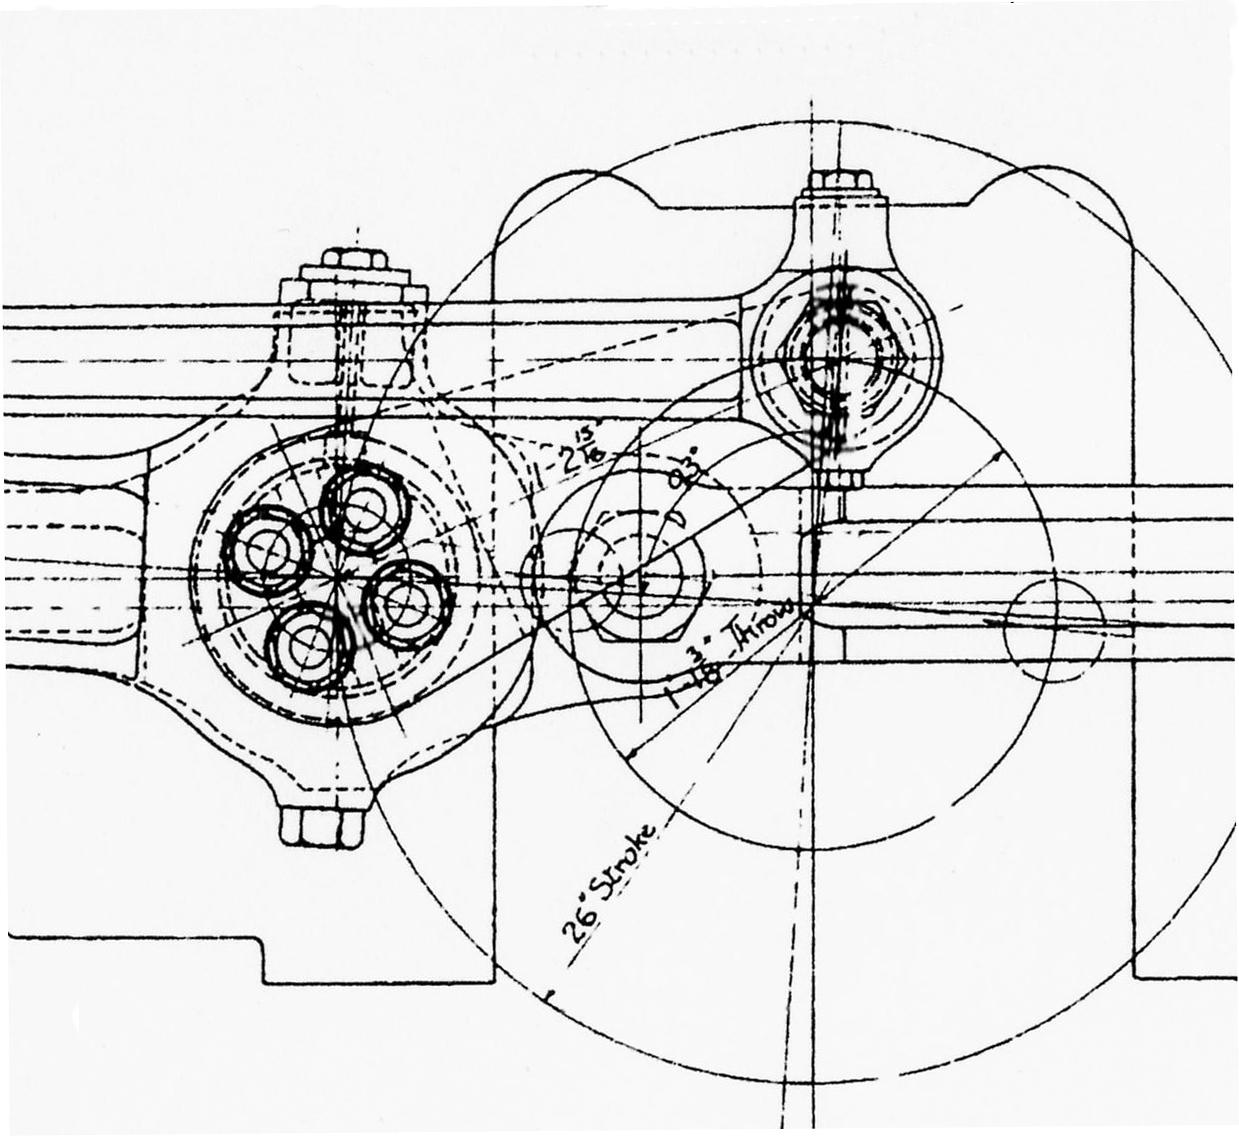 Walschaerts Gear